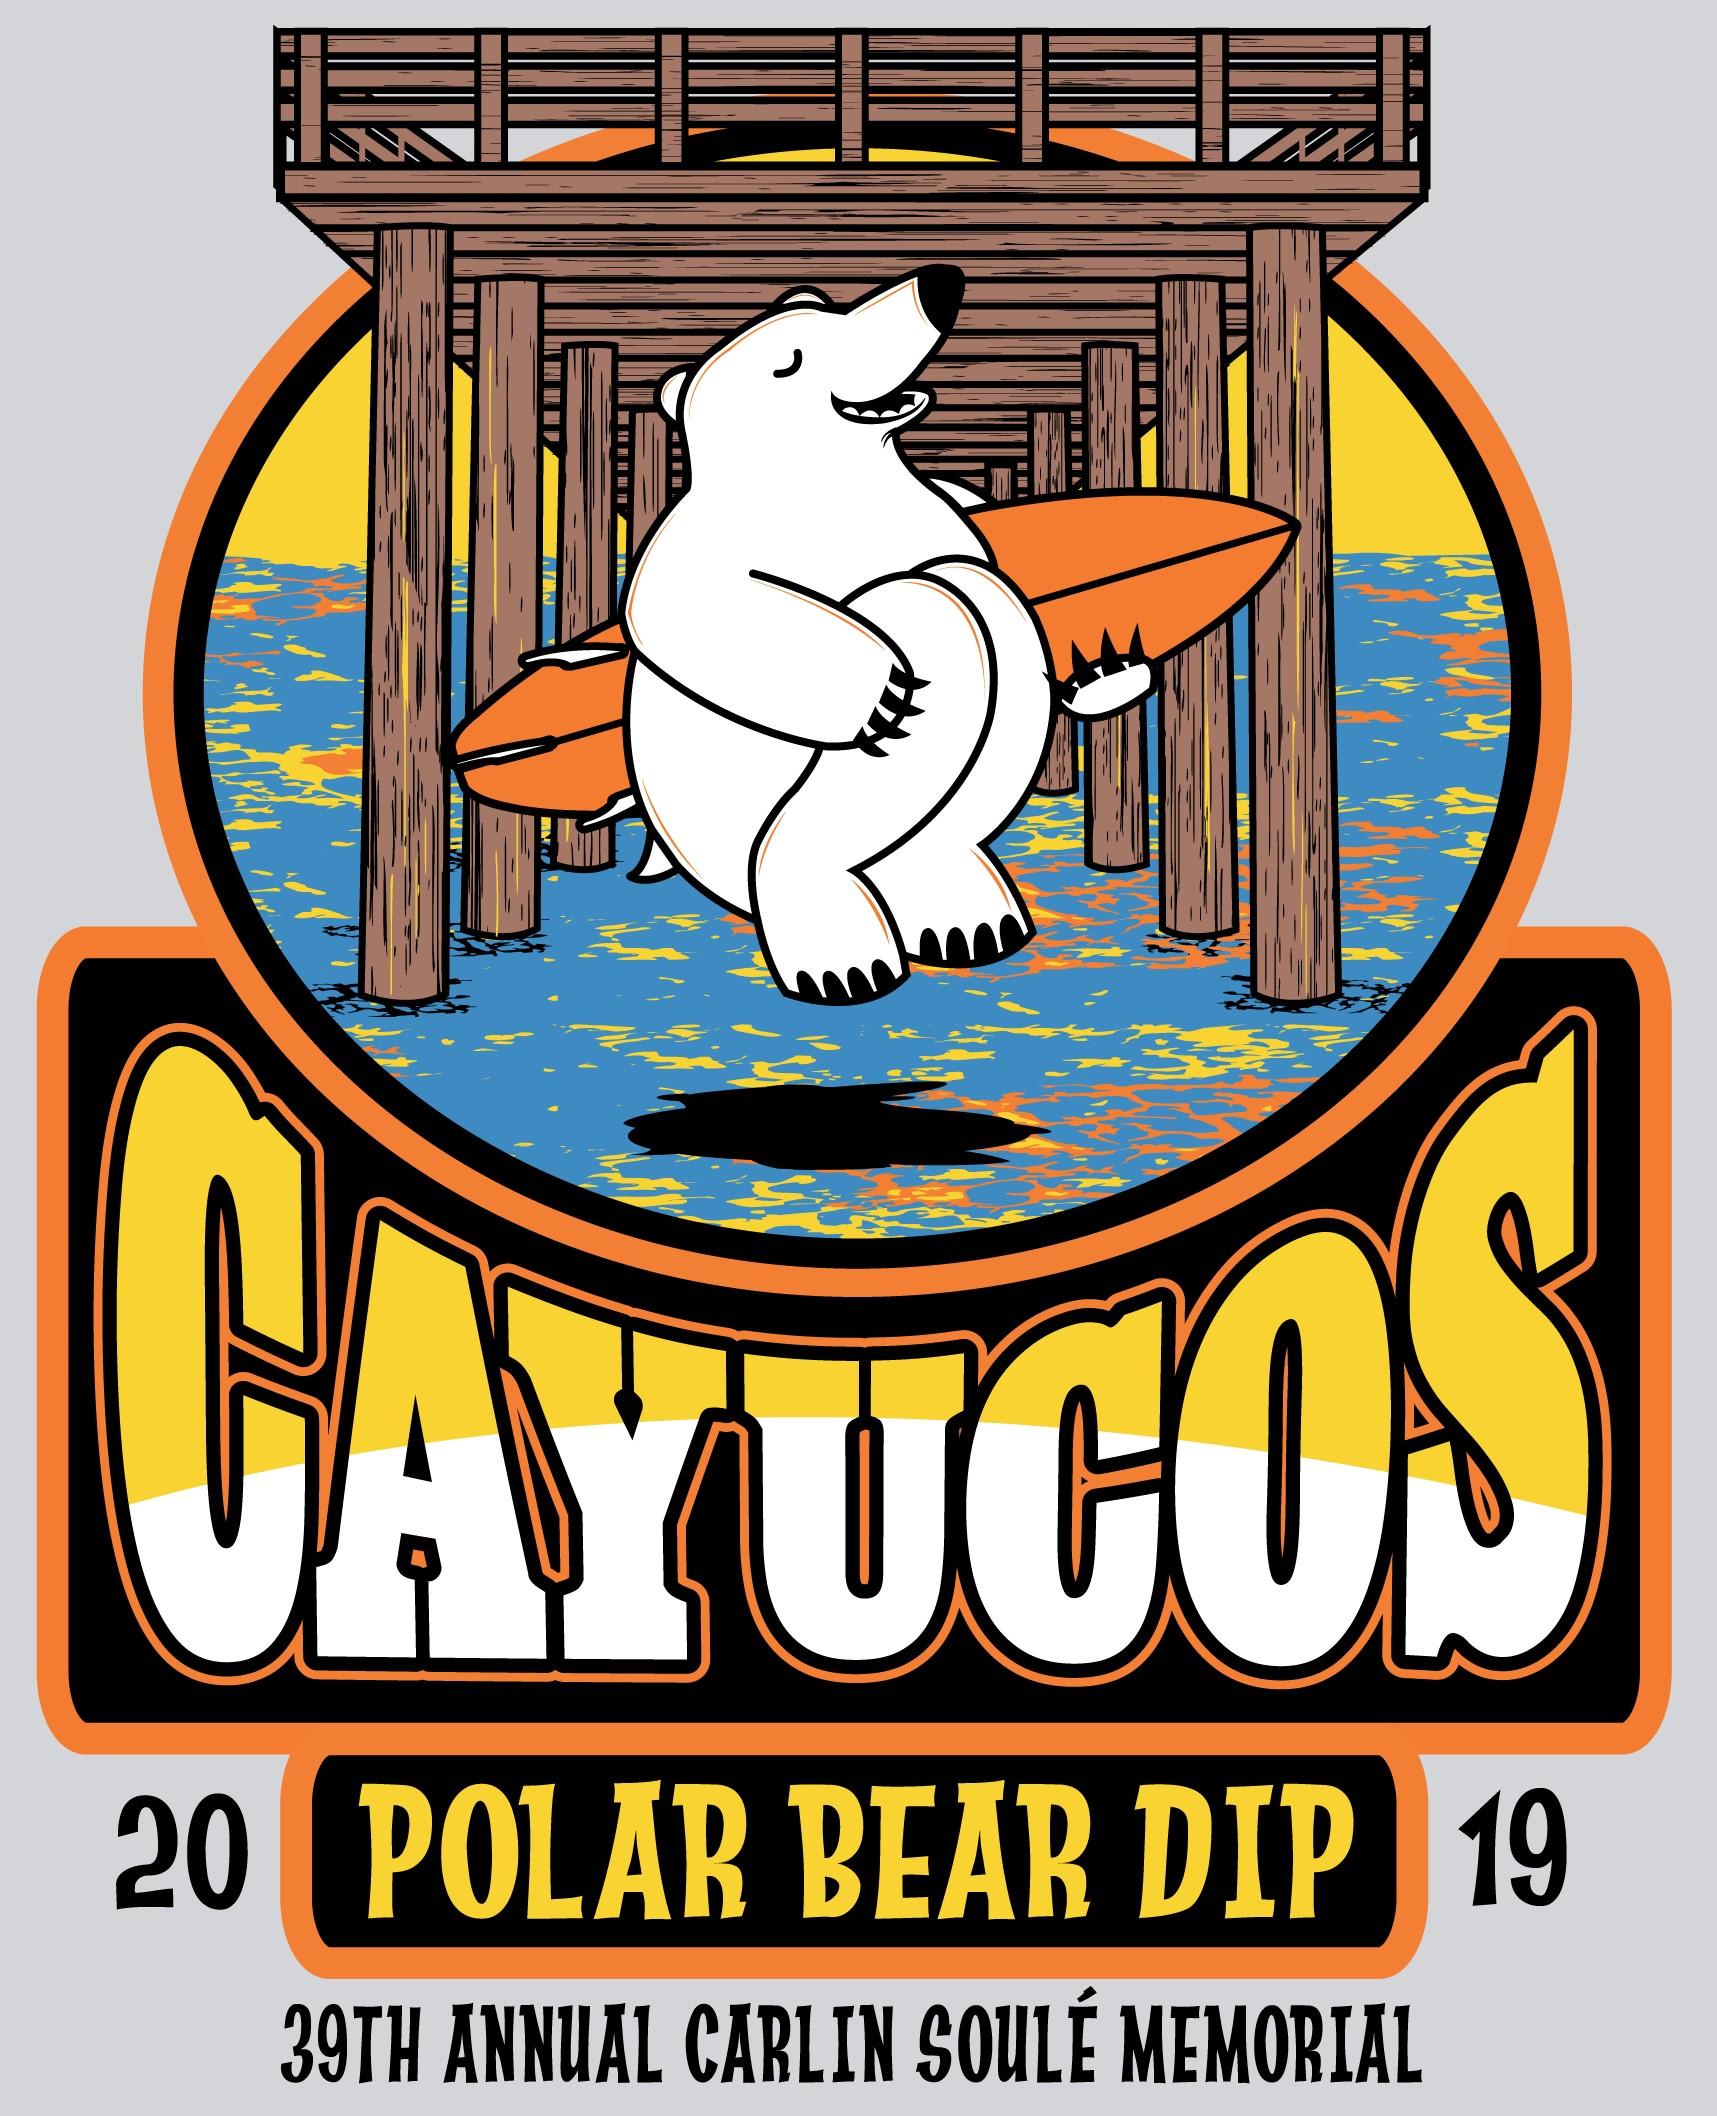 Cayucos Polar Bear Dip-02 (002).jpg